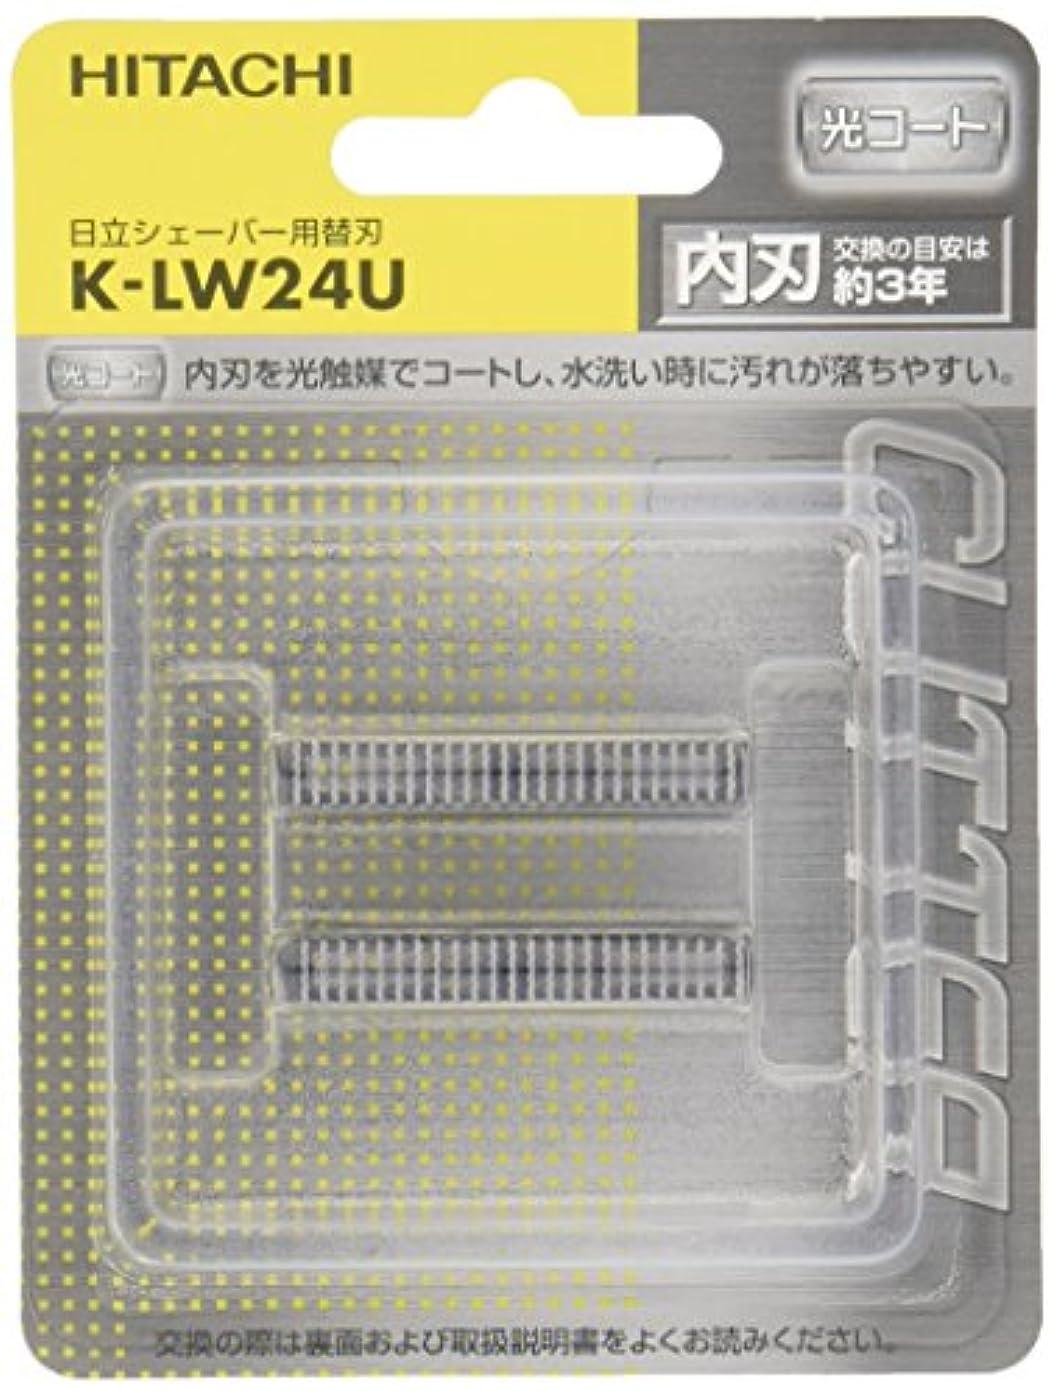 会計天気シンボル日立 メンズシェーバー用替刃 K-LW24U